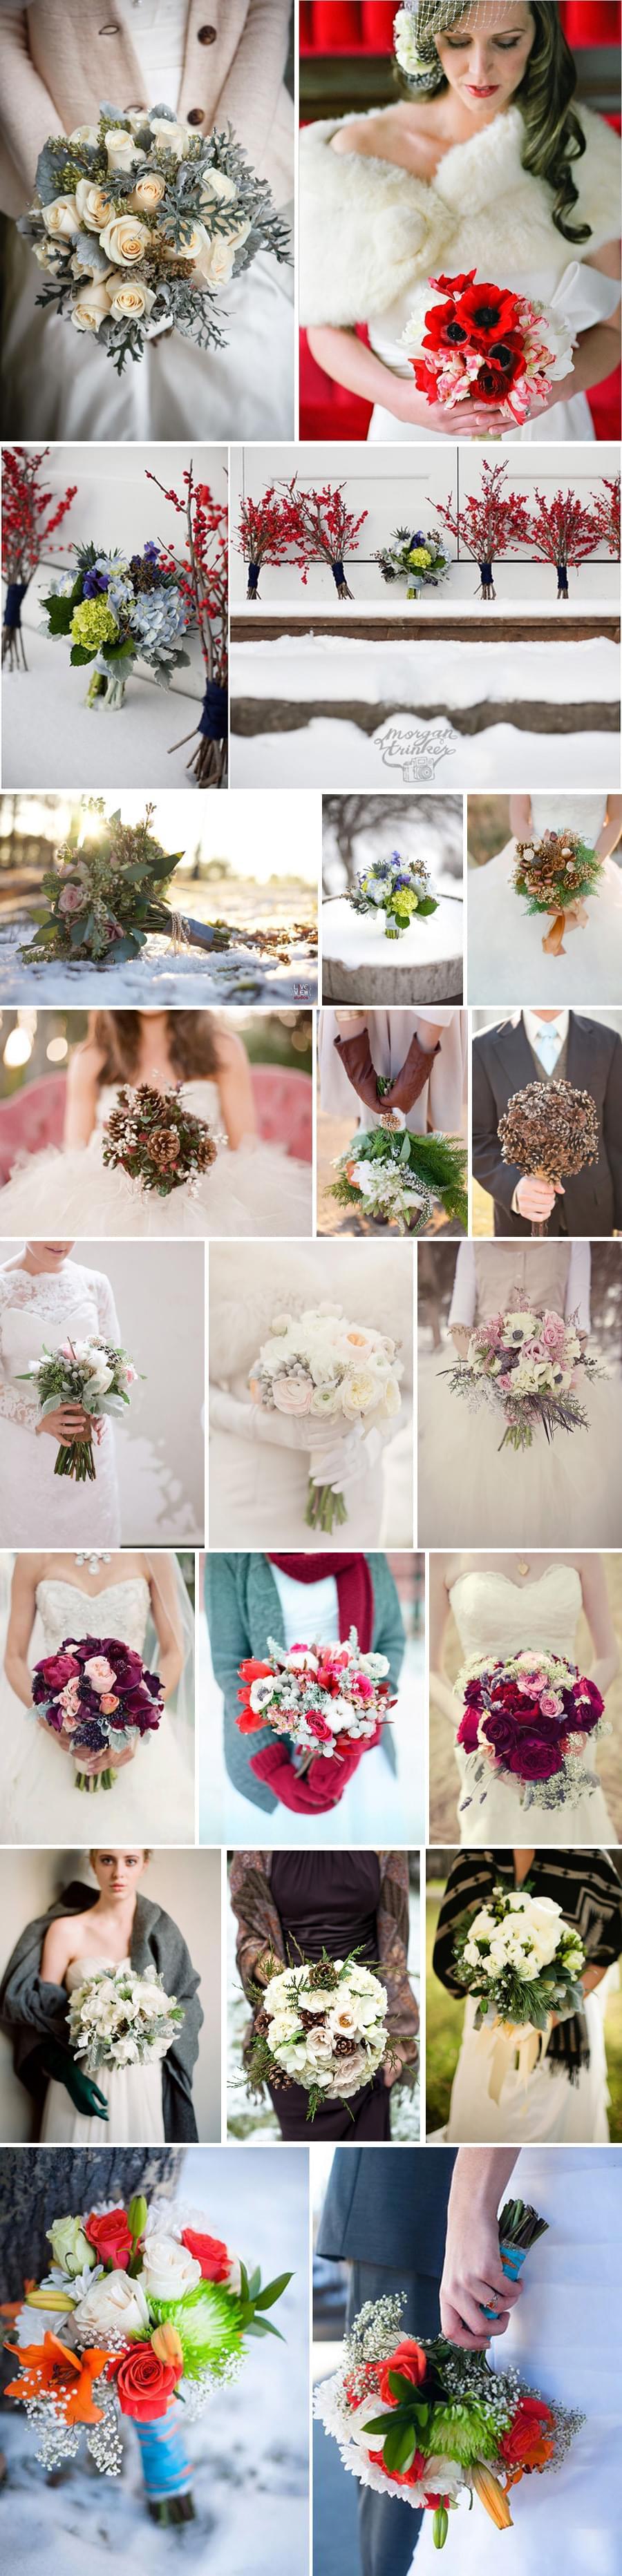 kwiatowe aranżacje dekoracje zimowe ślubne świąteczne bukiet ślubny zimą